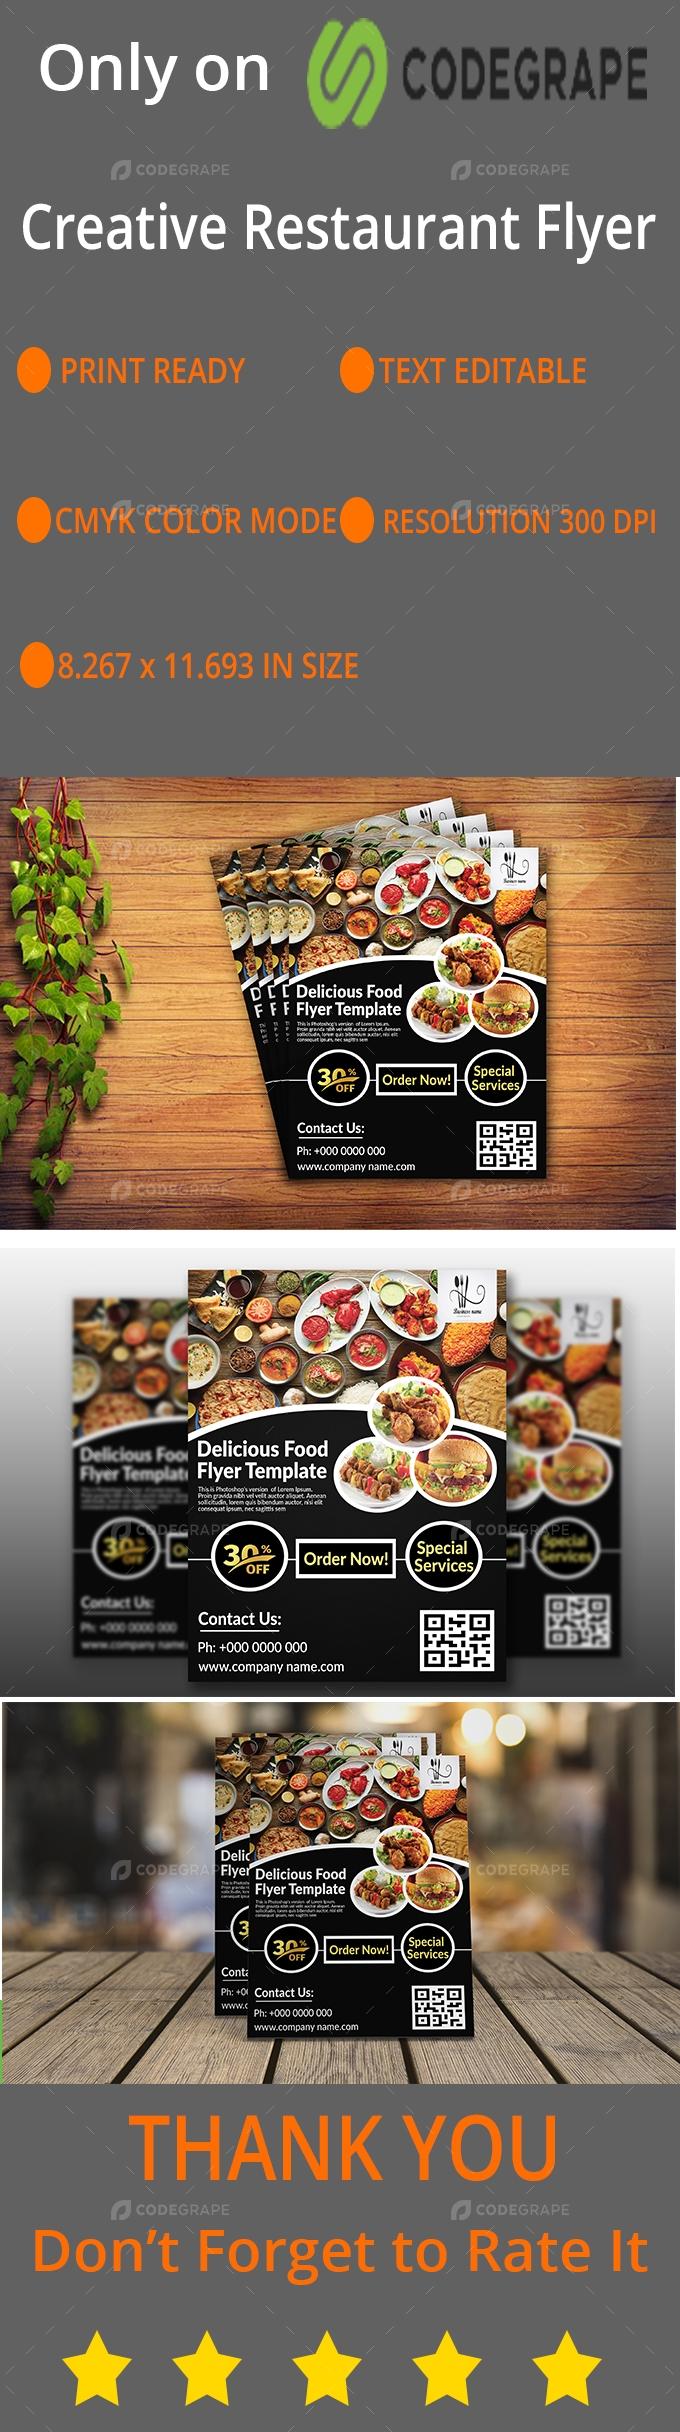 Creative Restaurant Flyer Design